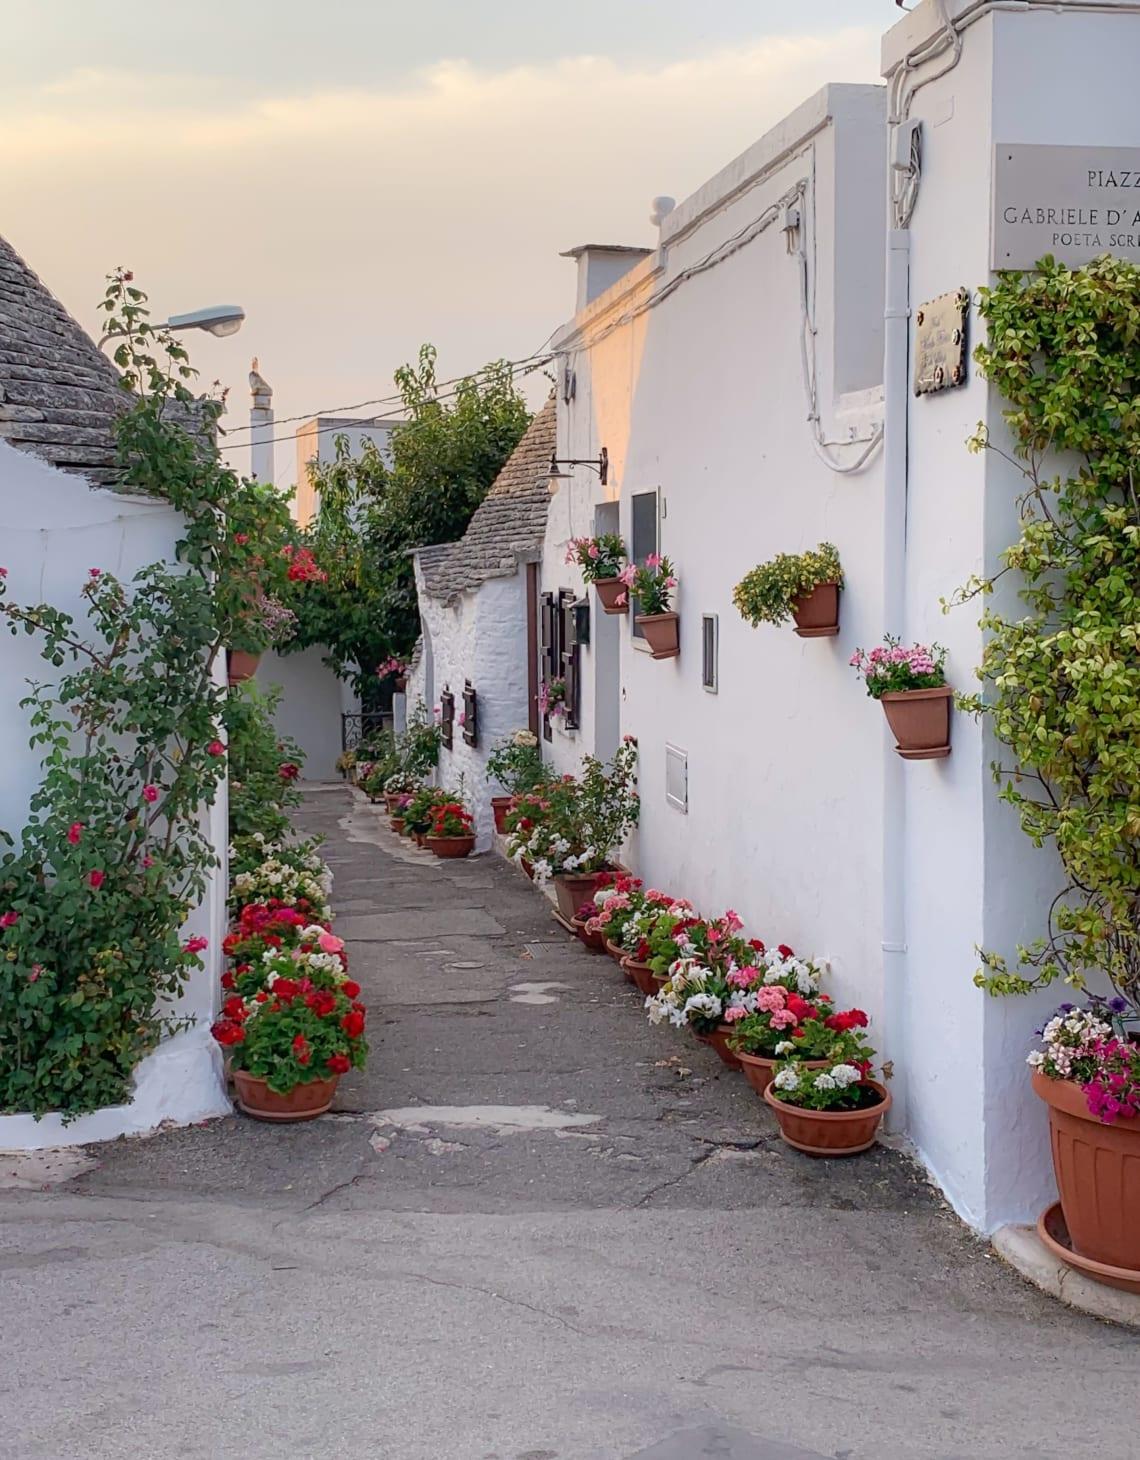 Italy travel: Puglia